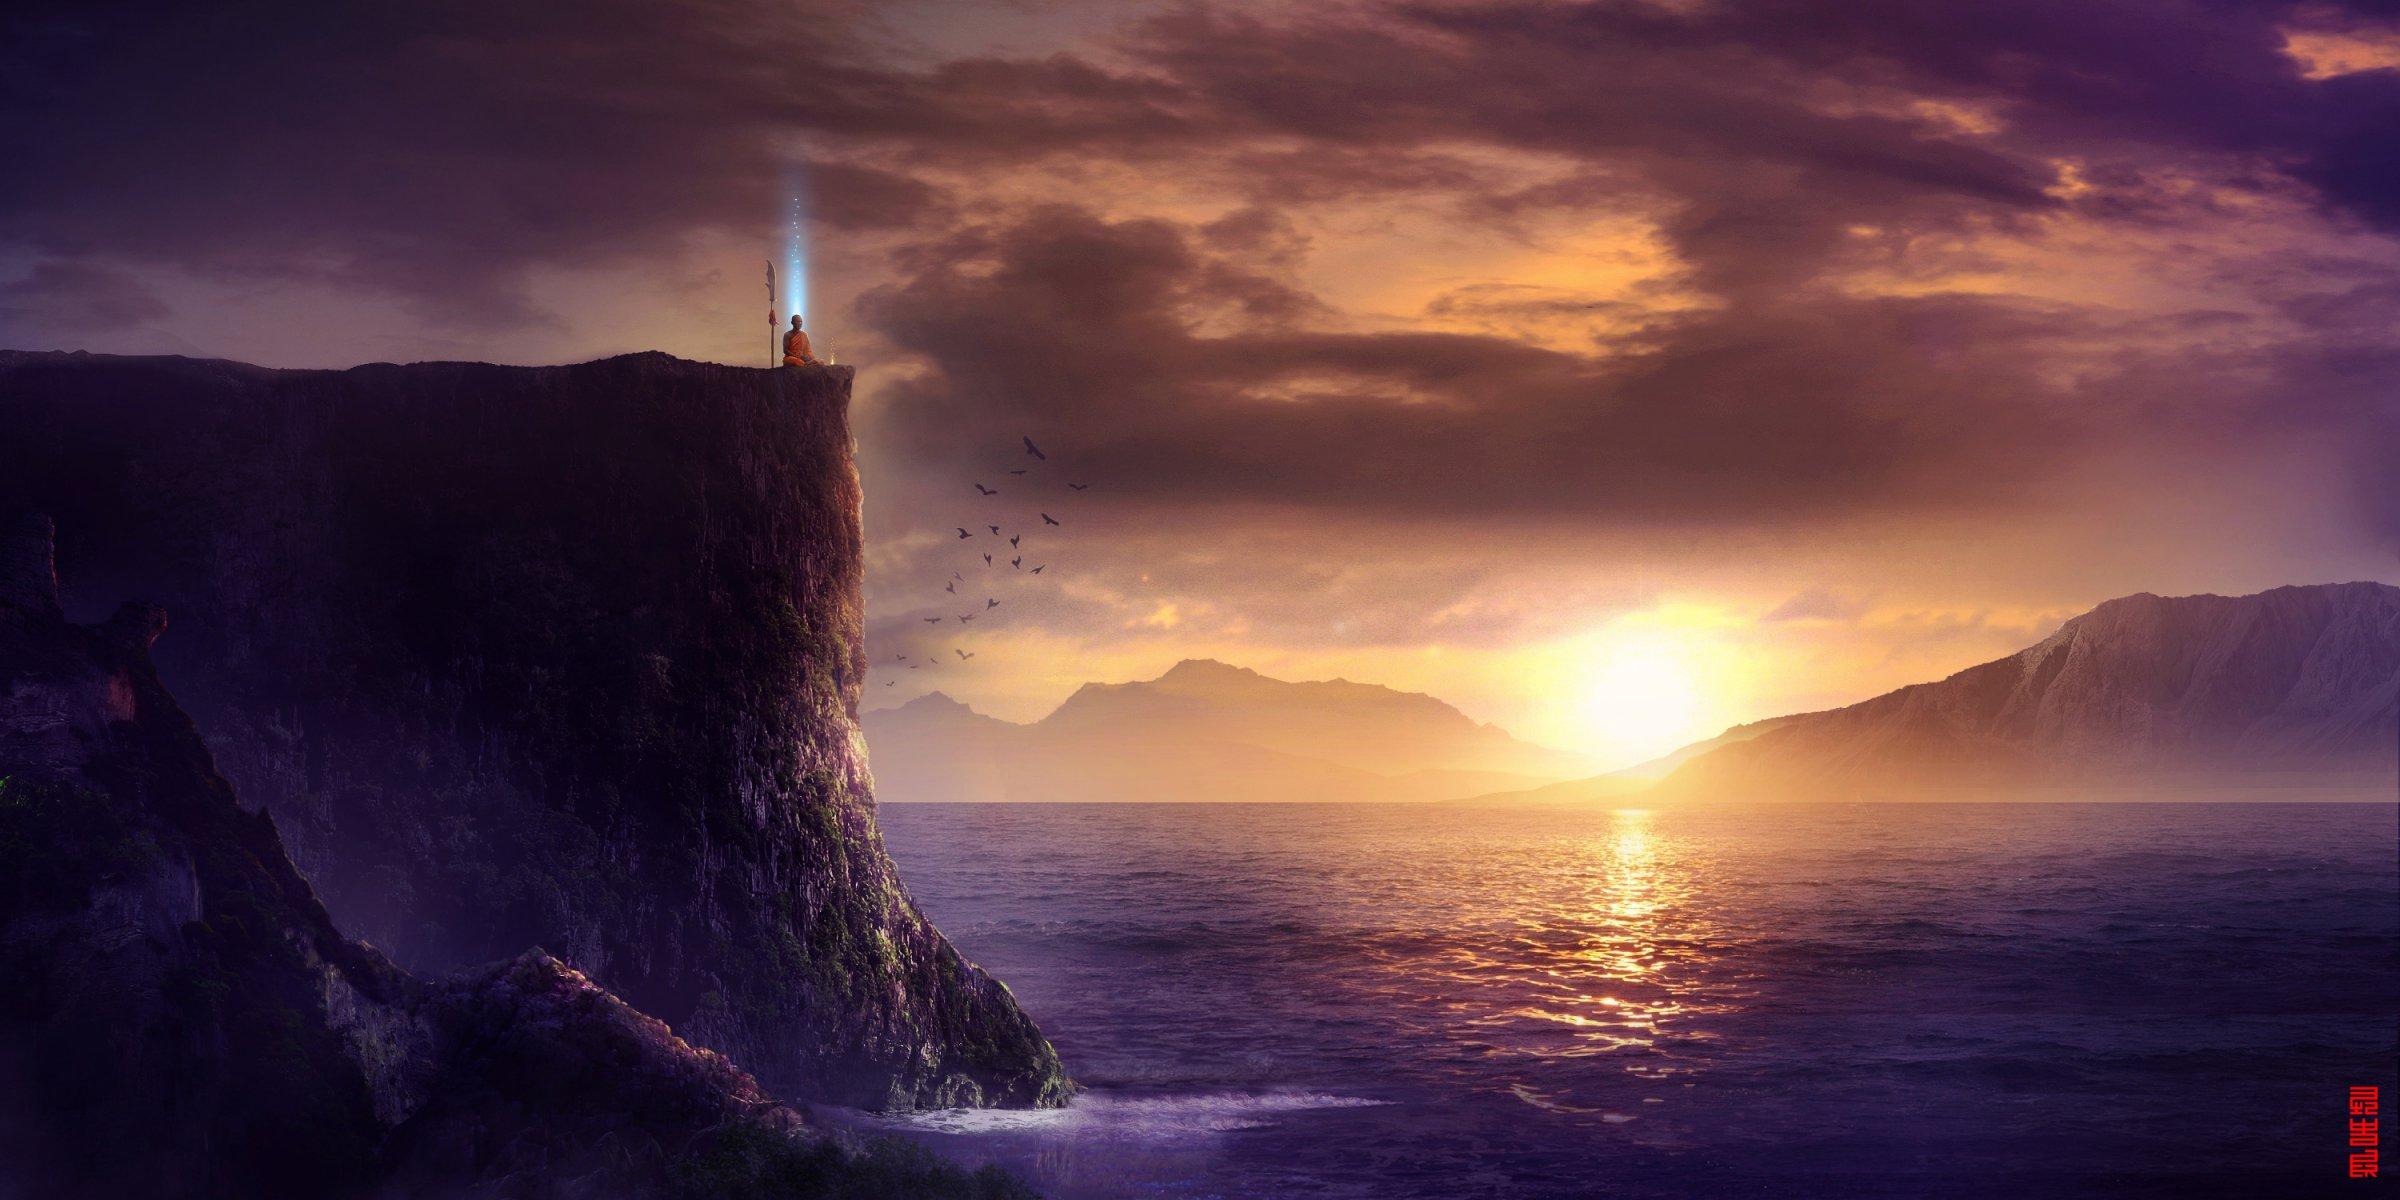 закат море горы скалы  № 1291196 бесплатно